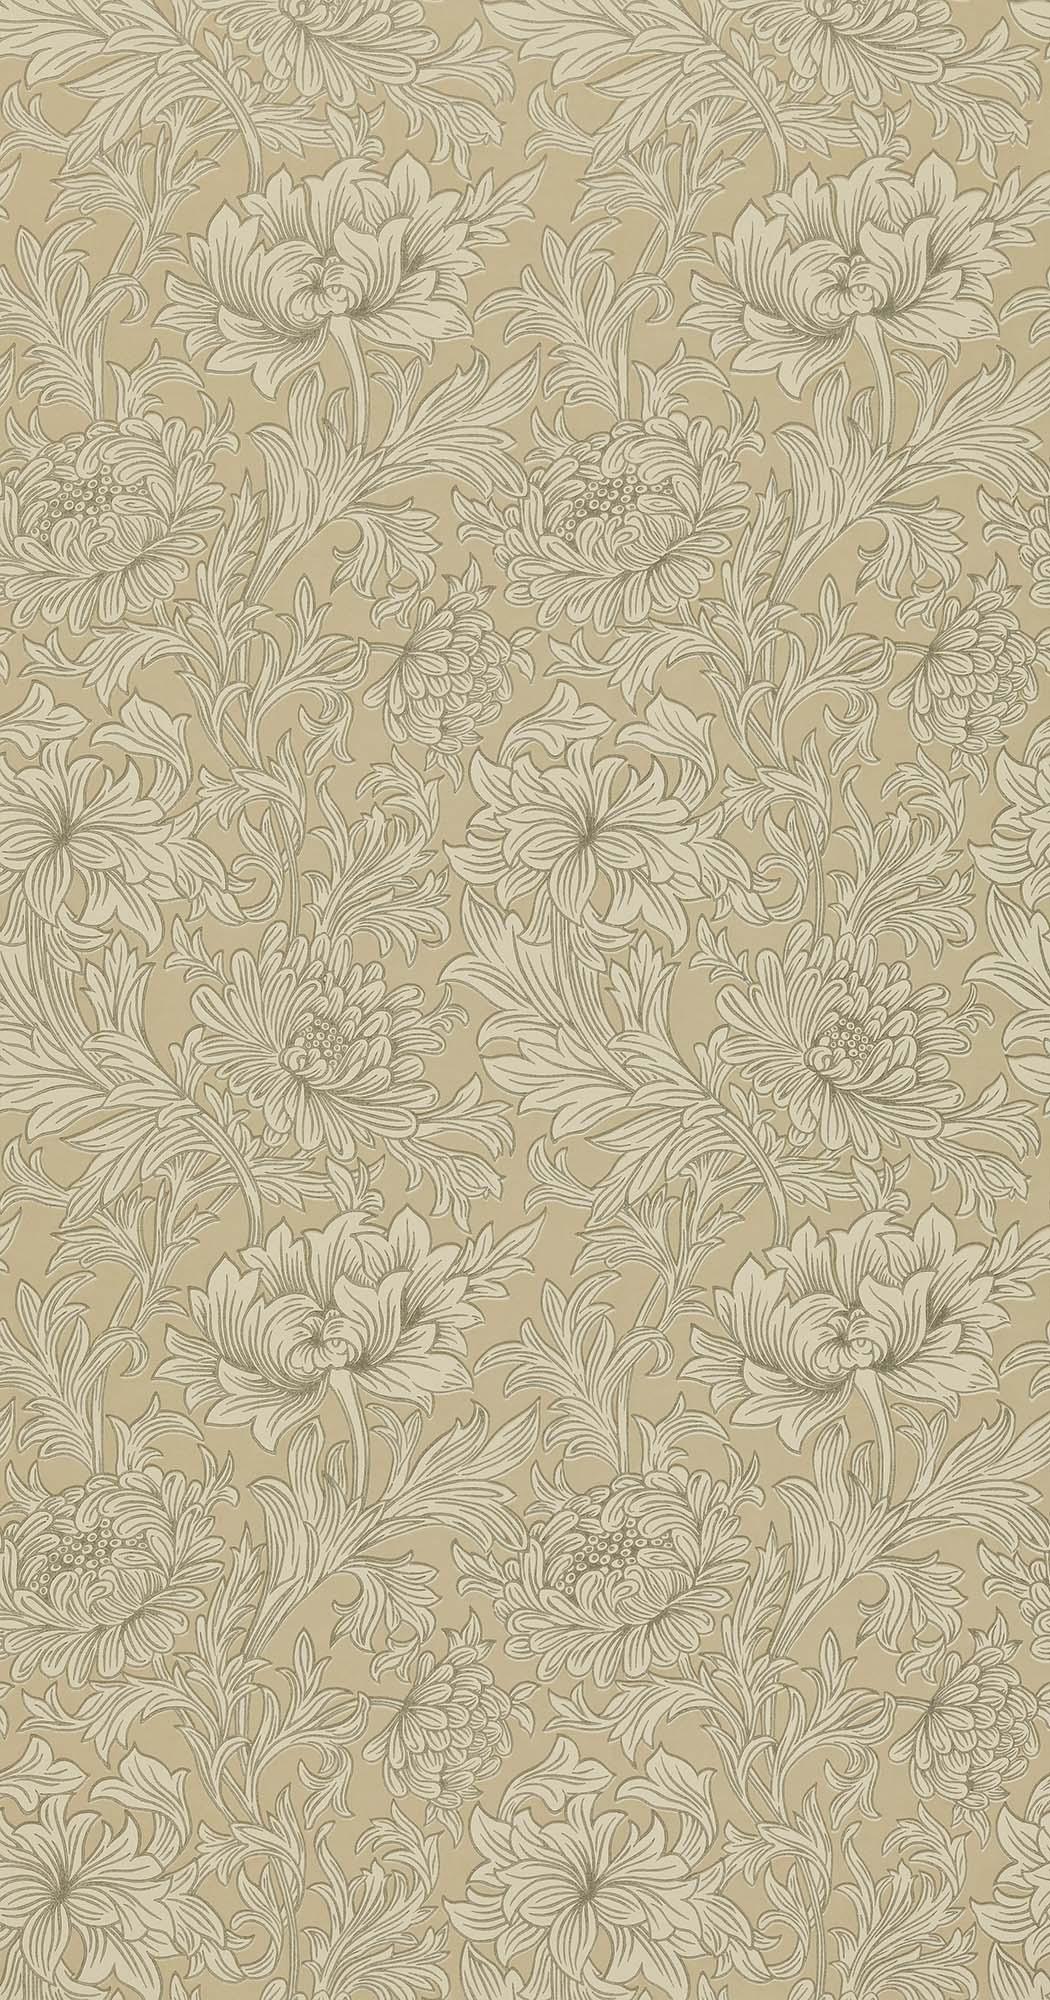 ウィリアムモリス壁紙 Chrysanthemum Toile DMOWCH-103